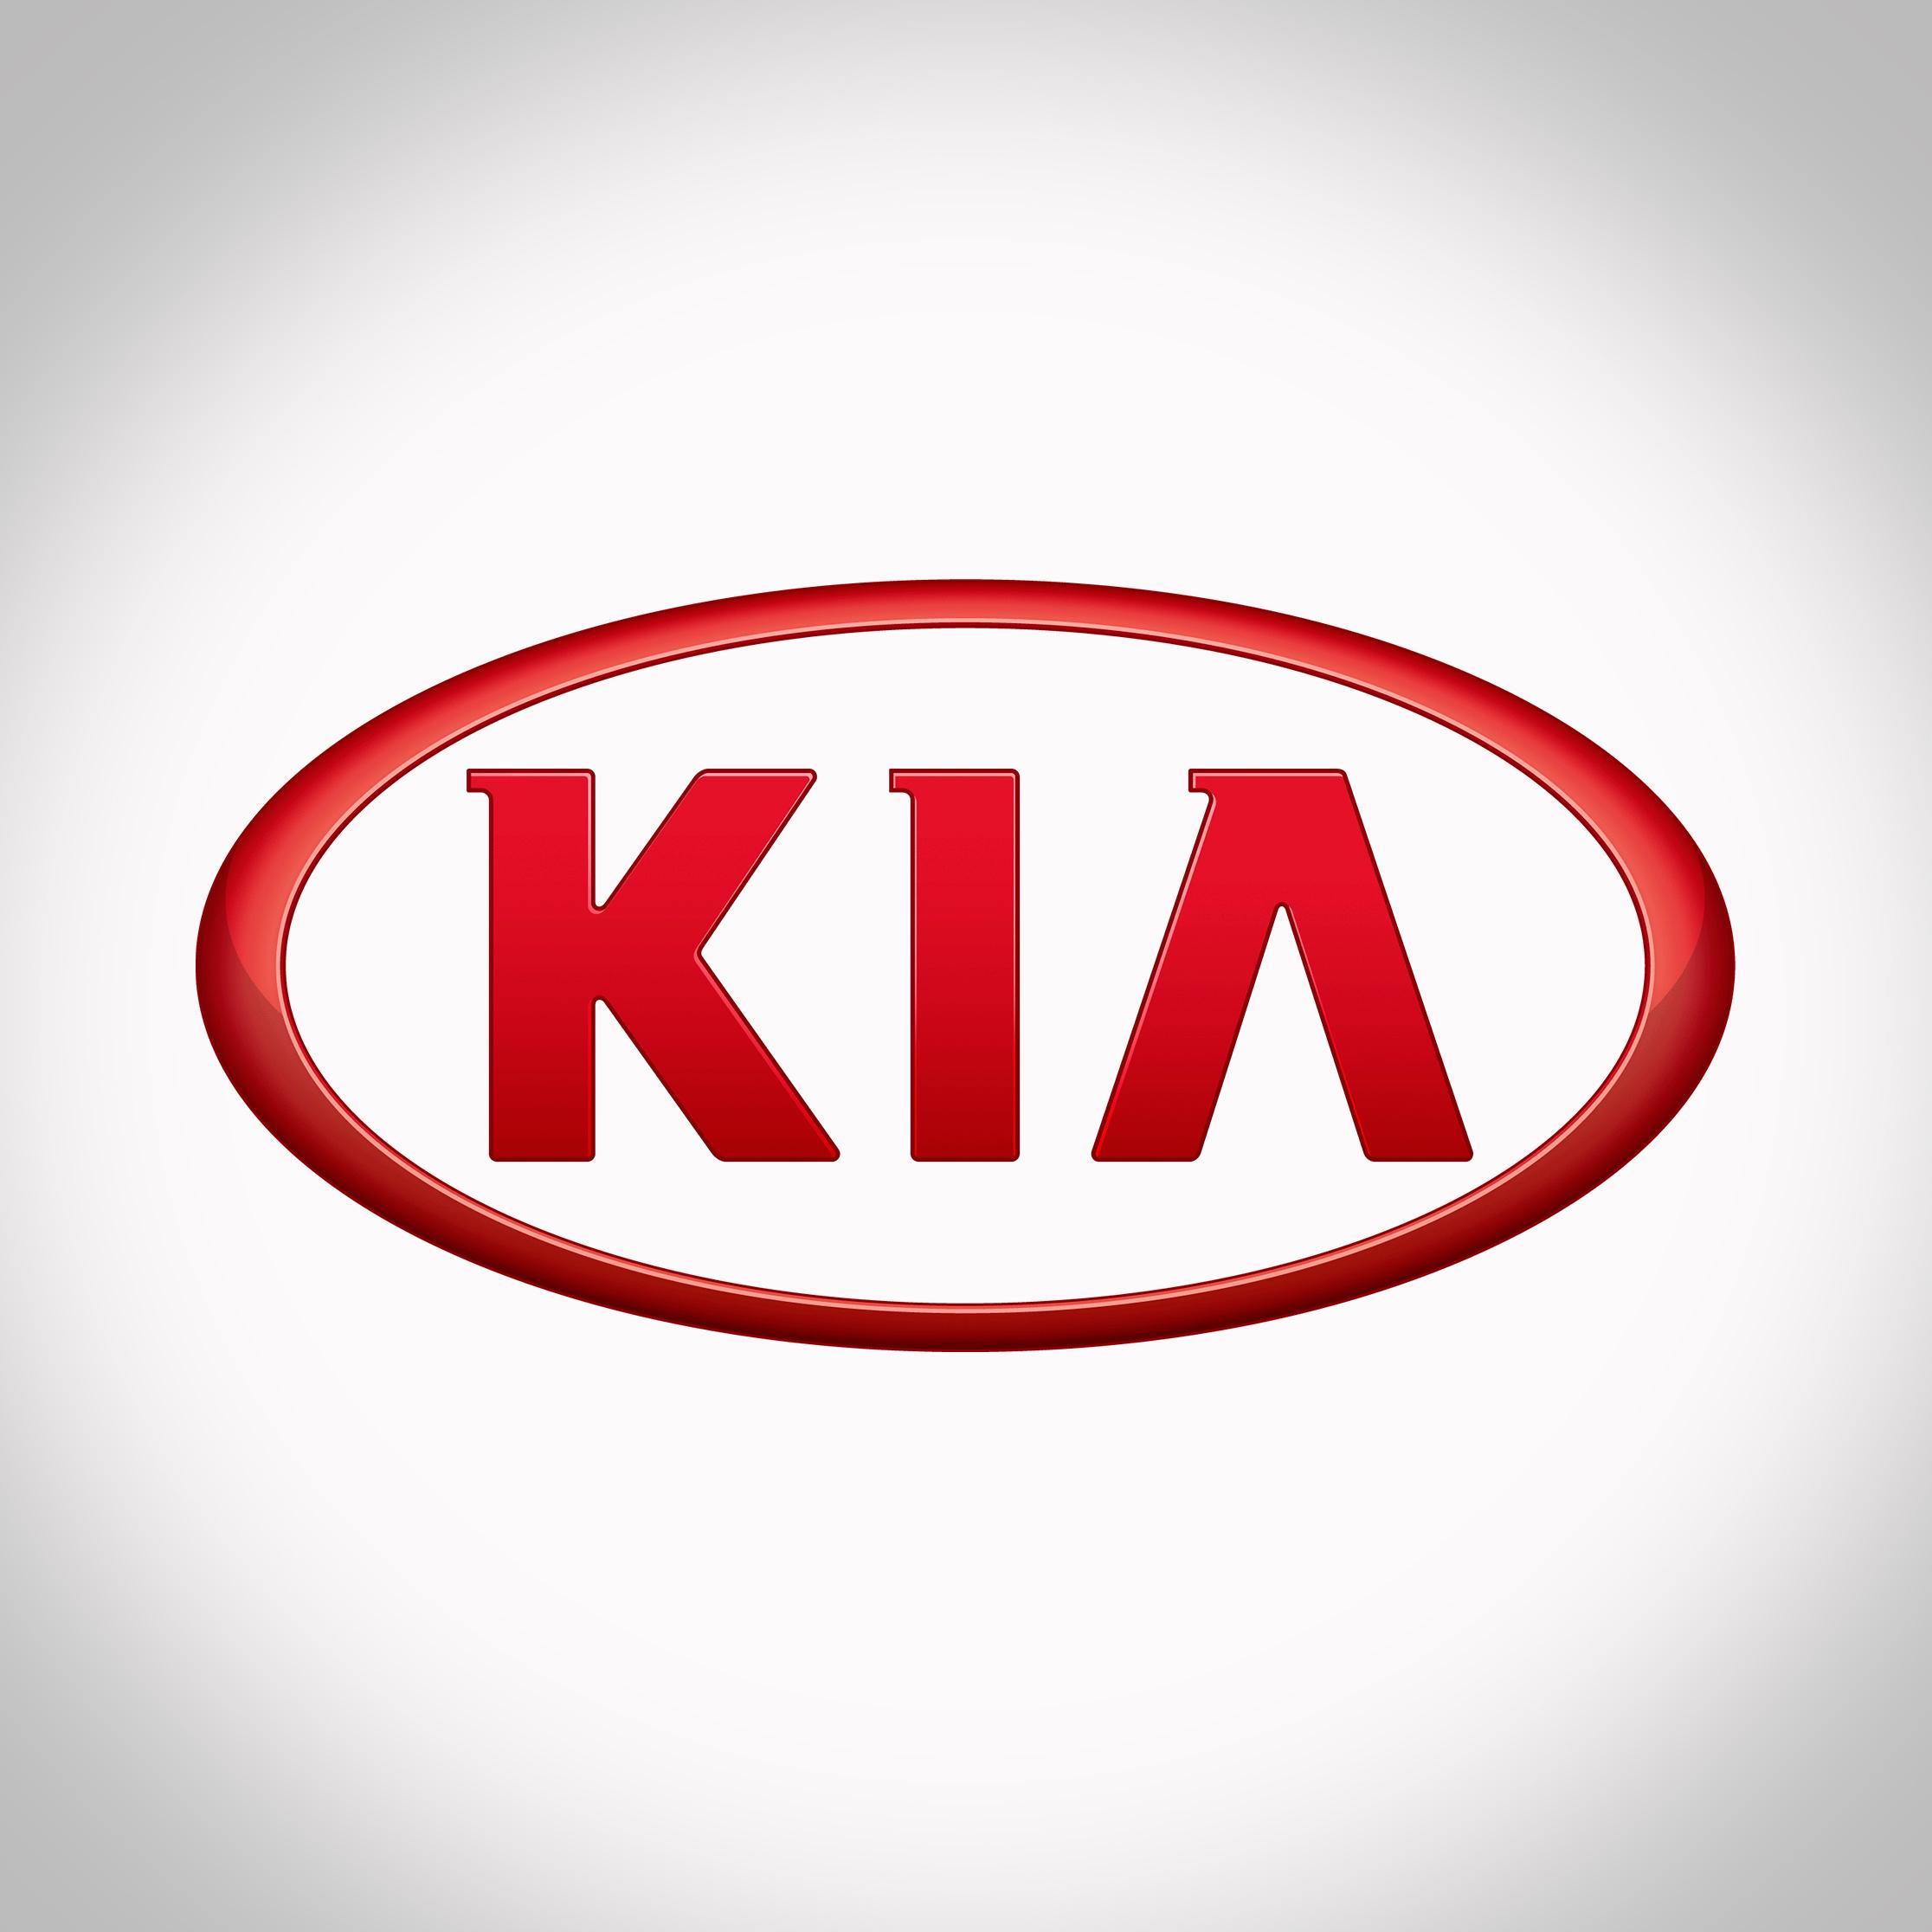 Kia_logo.jpg